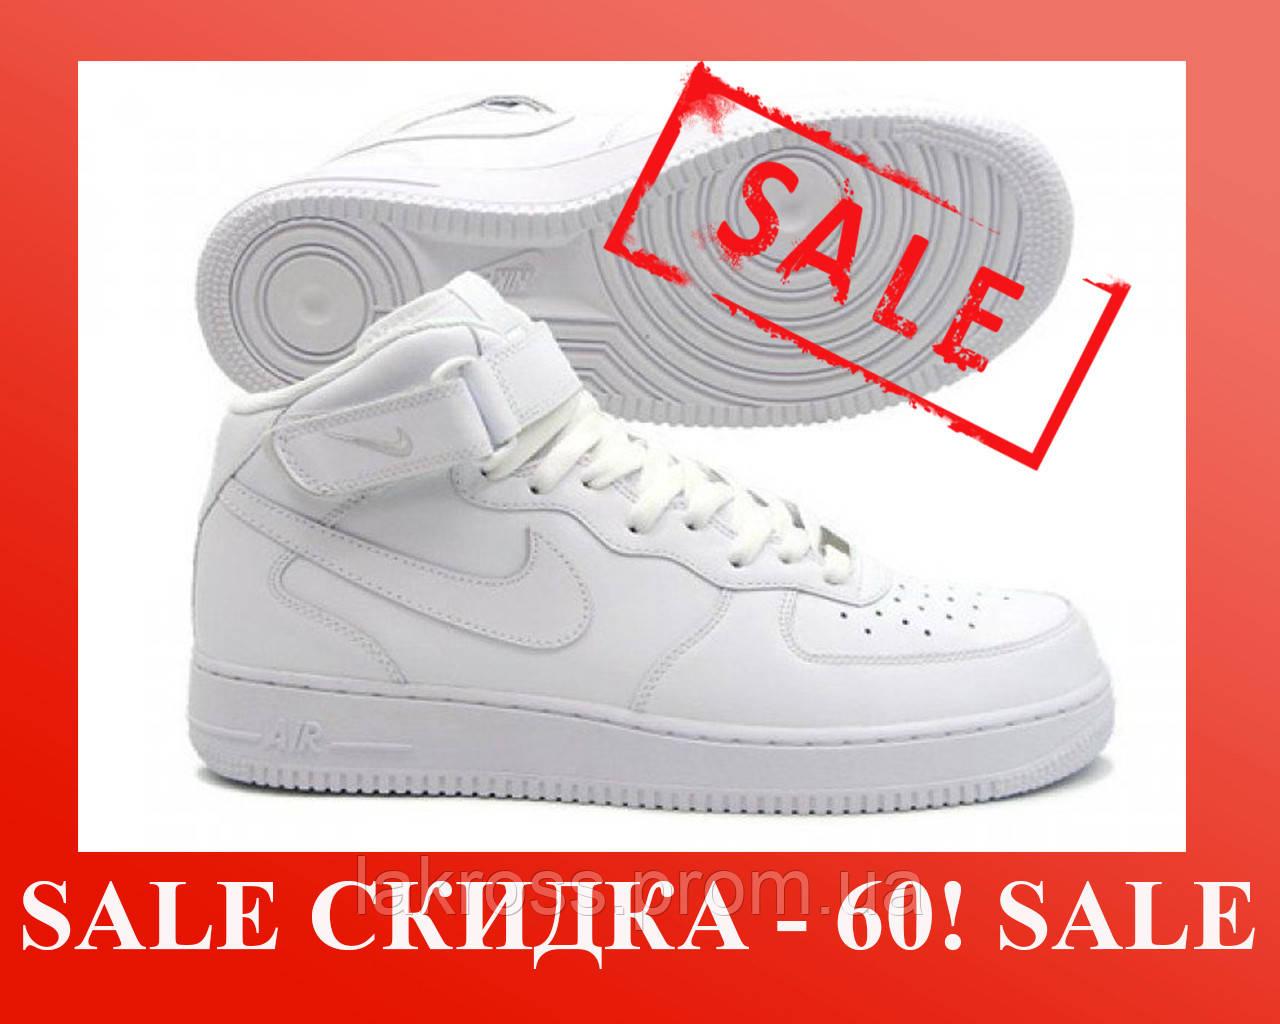 4a39b604 Кроссовки Nike Air Force High White (БЕЛЫЕ) СКИДКА -60%: продажа ...